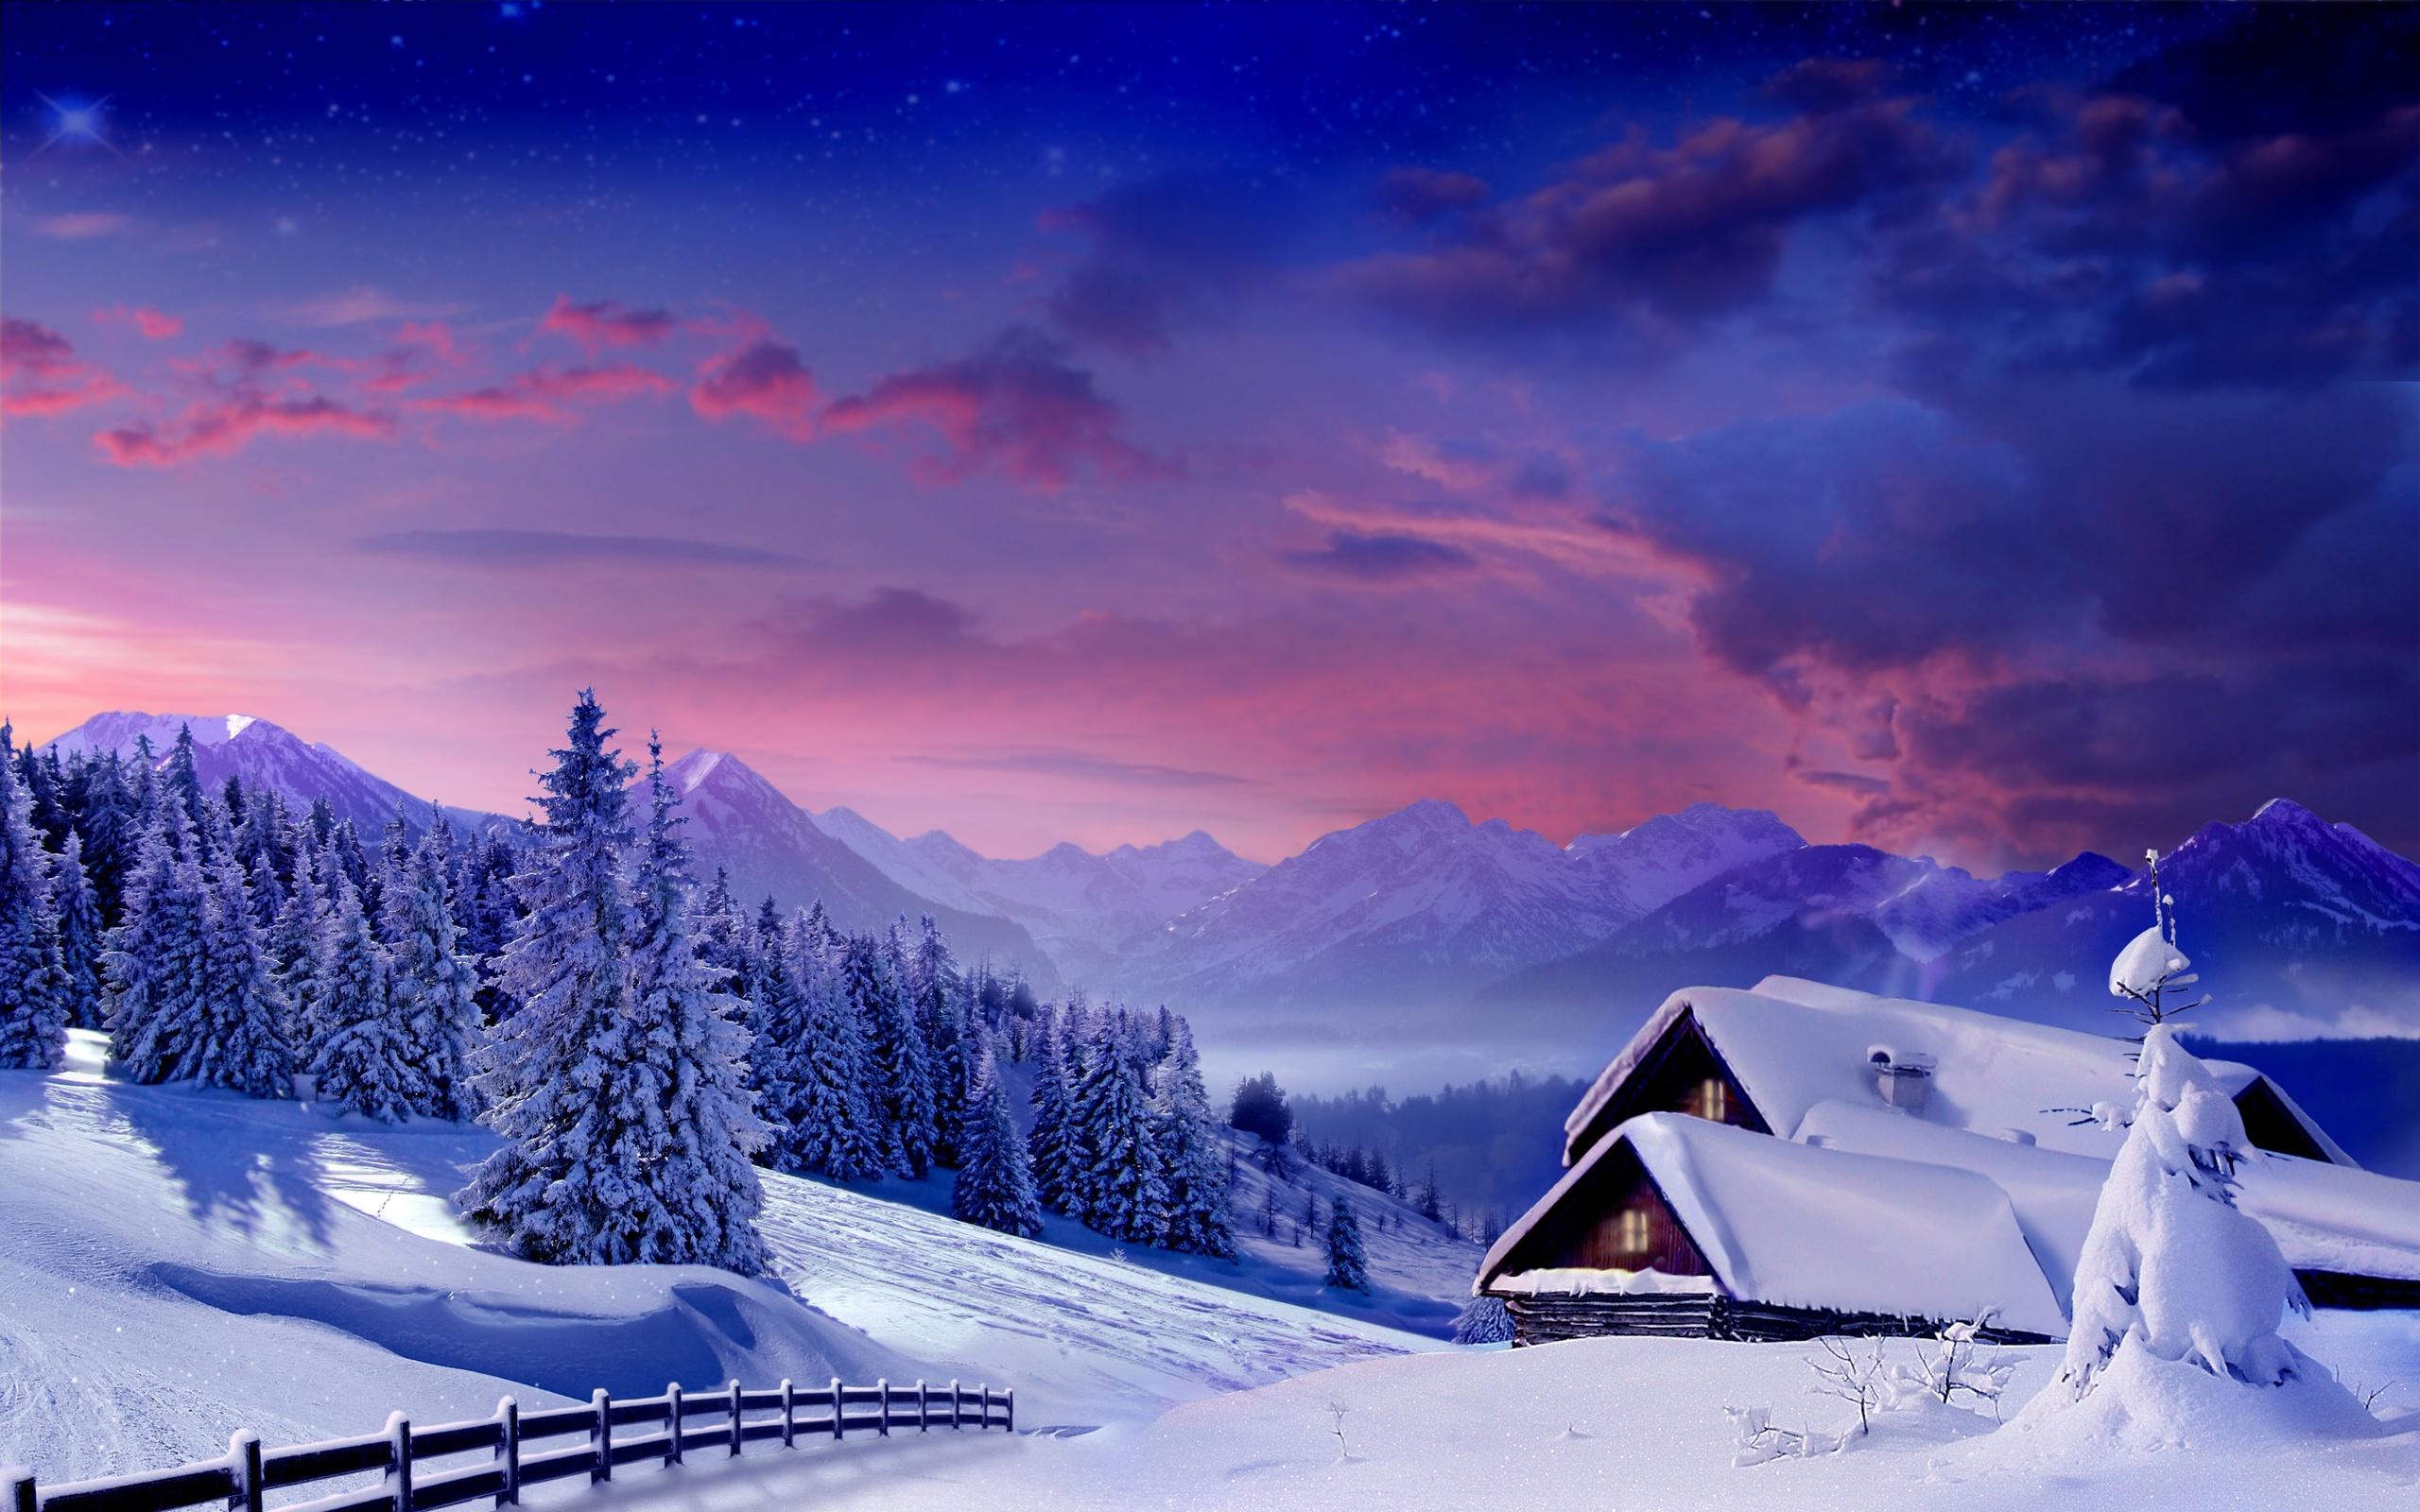 Все картинки о зиме